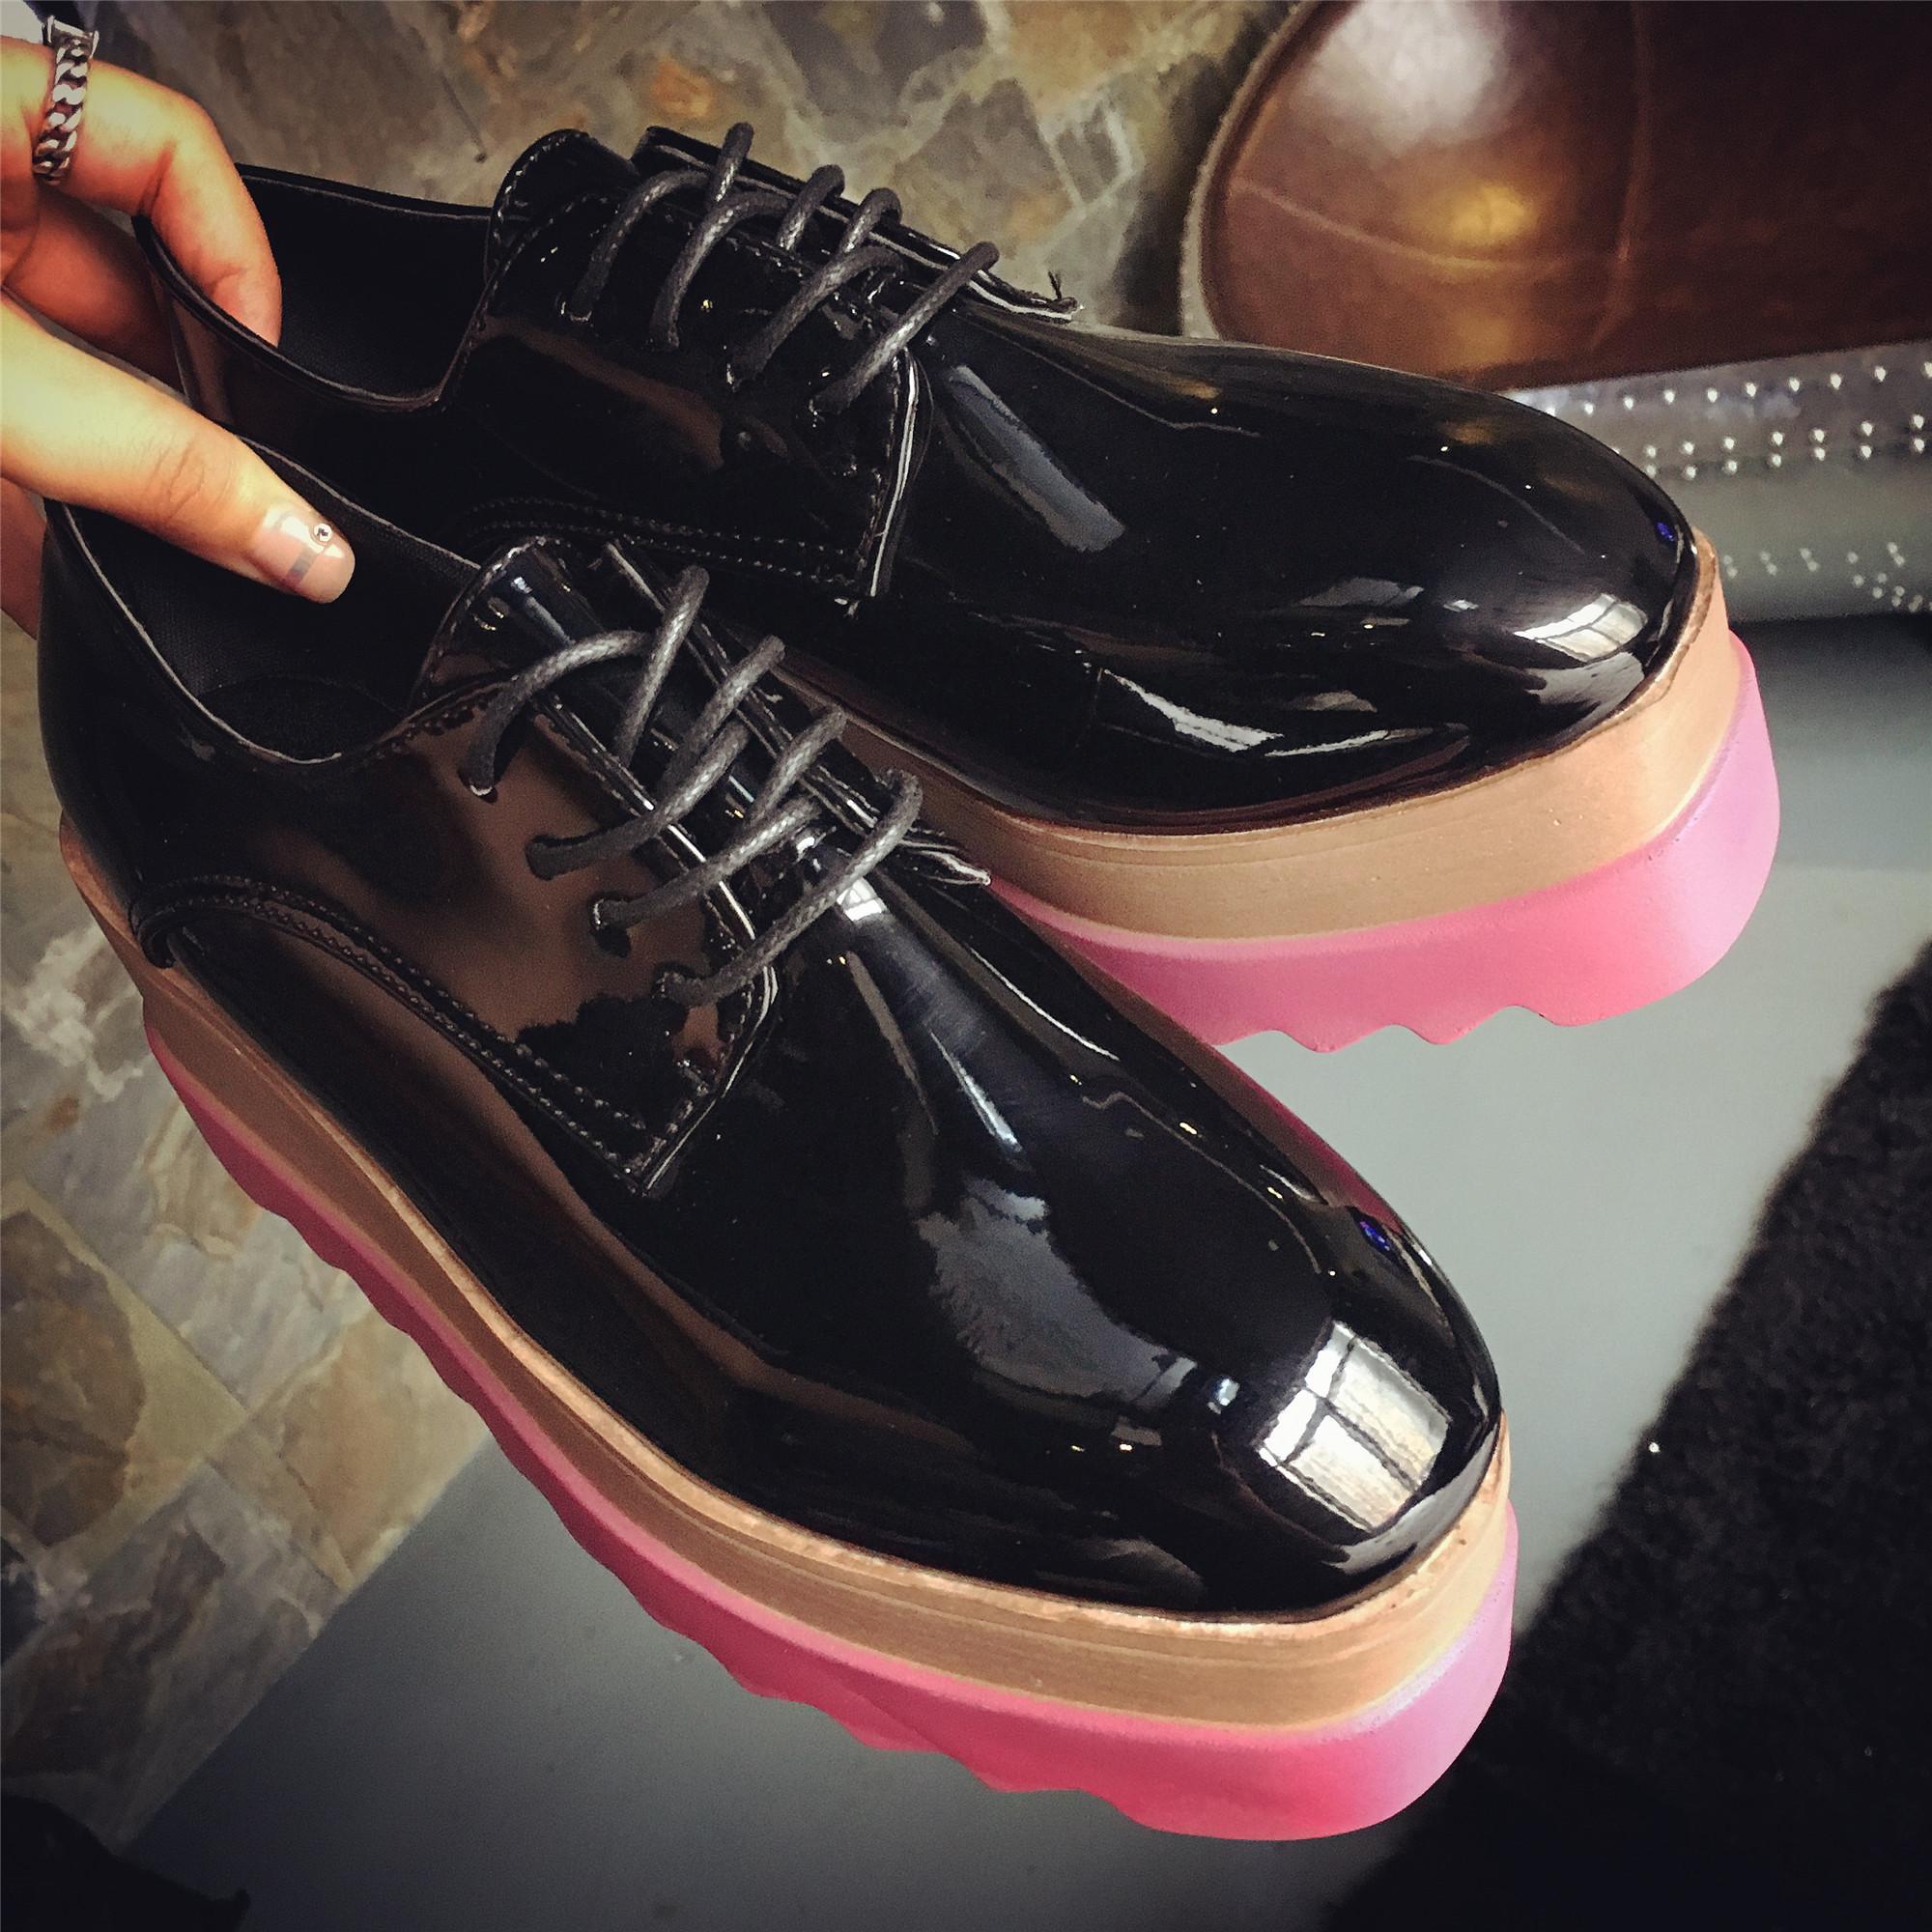 黑色松糕鞋 韩版松糕鞋女春秋2016厚底新款坡跟系带鞋松糕鞋黑色圆头漆皮单鞋_推荐淘宝好看的黑色松糕鞋